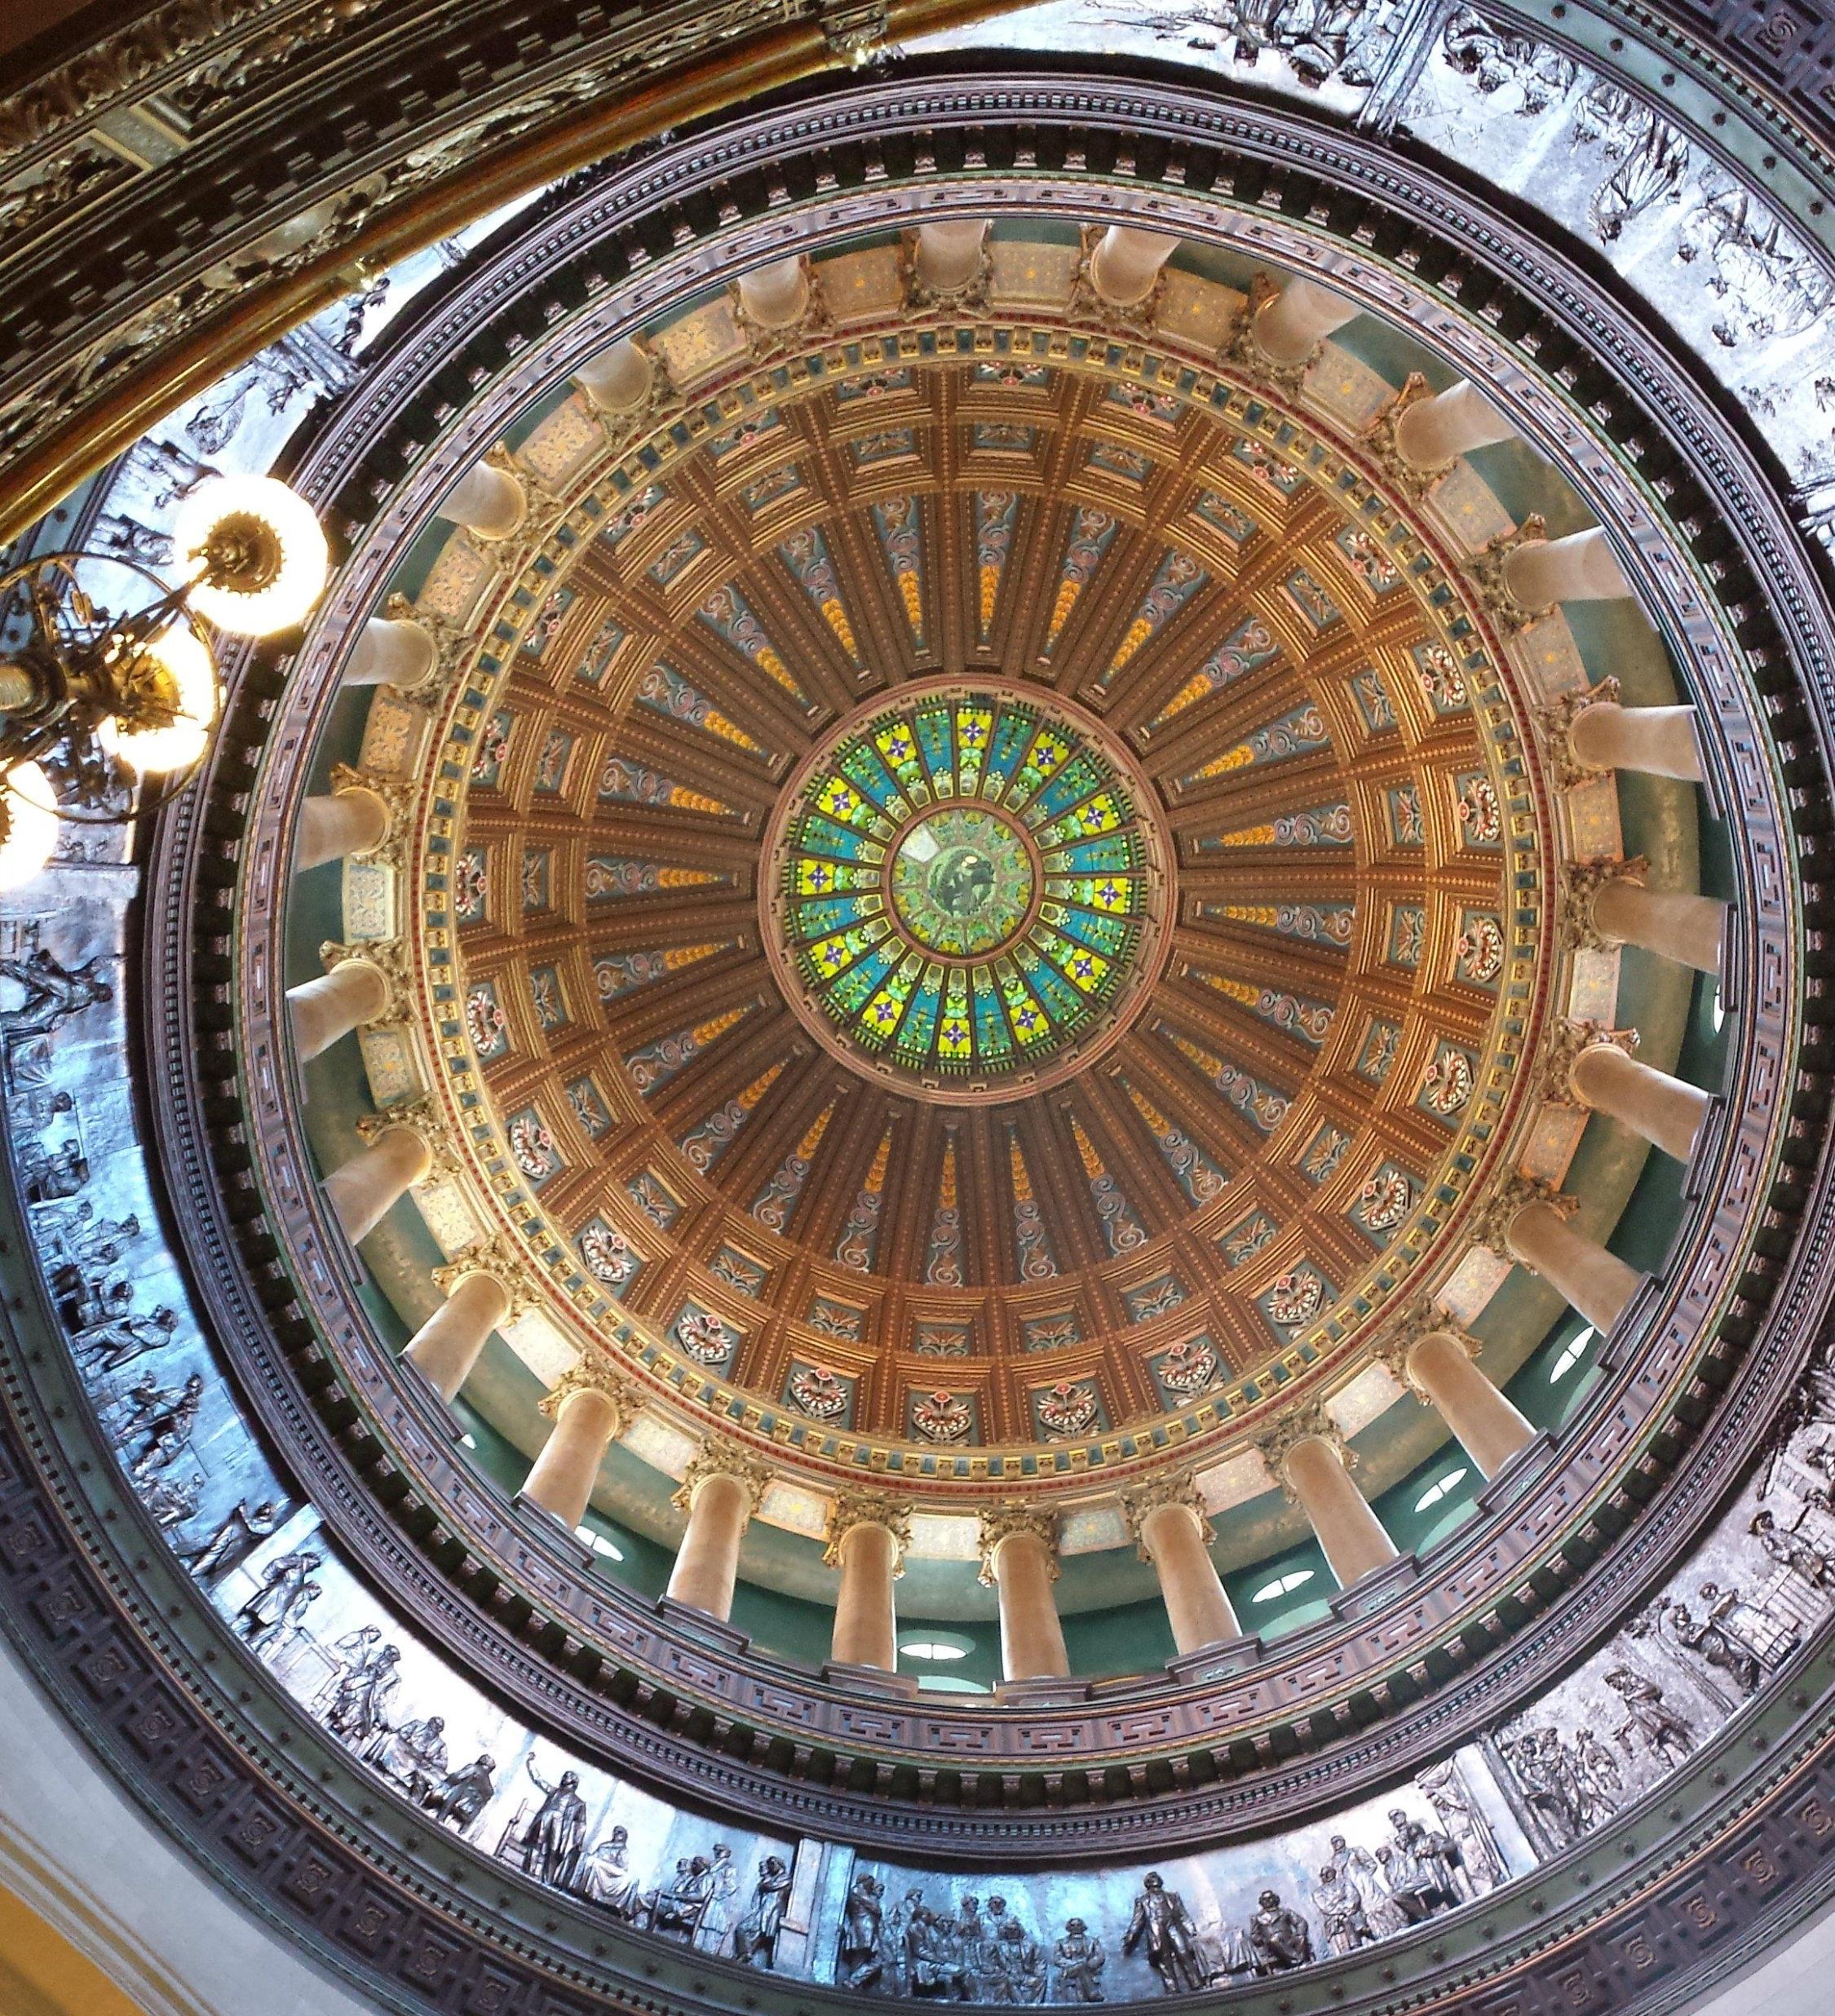 Illinois Senate overrides governor's automatic-voter veto